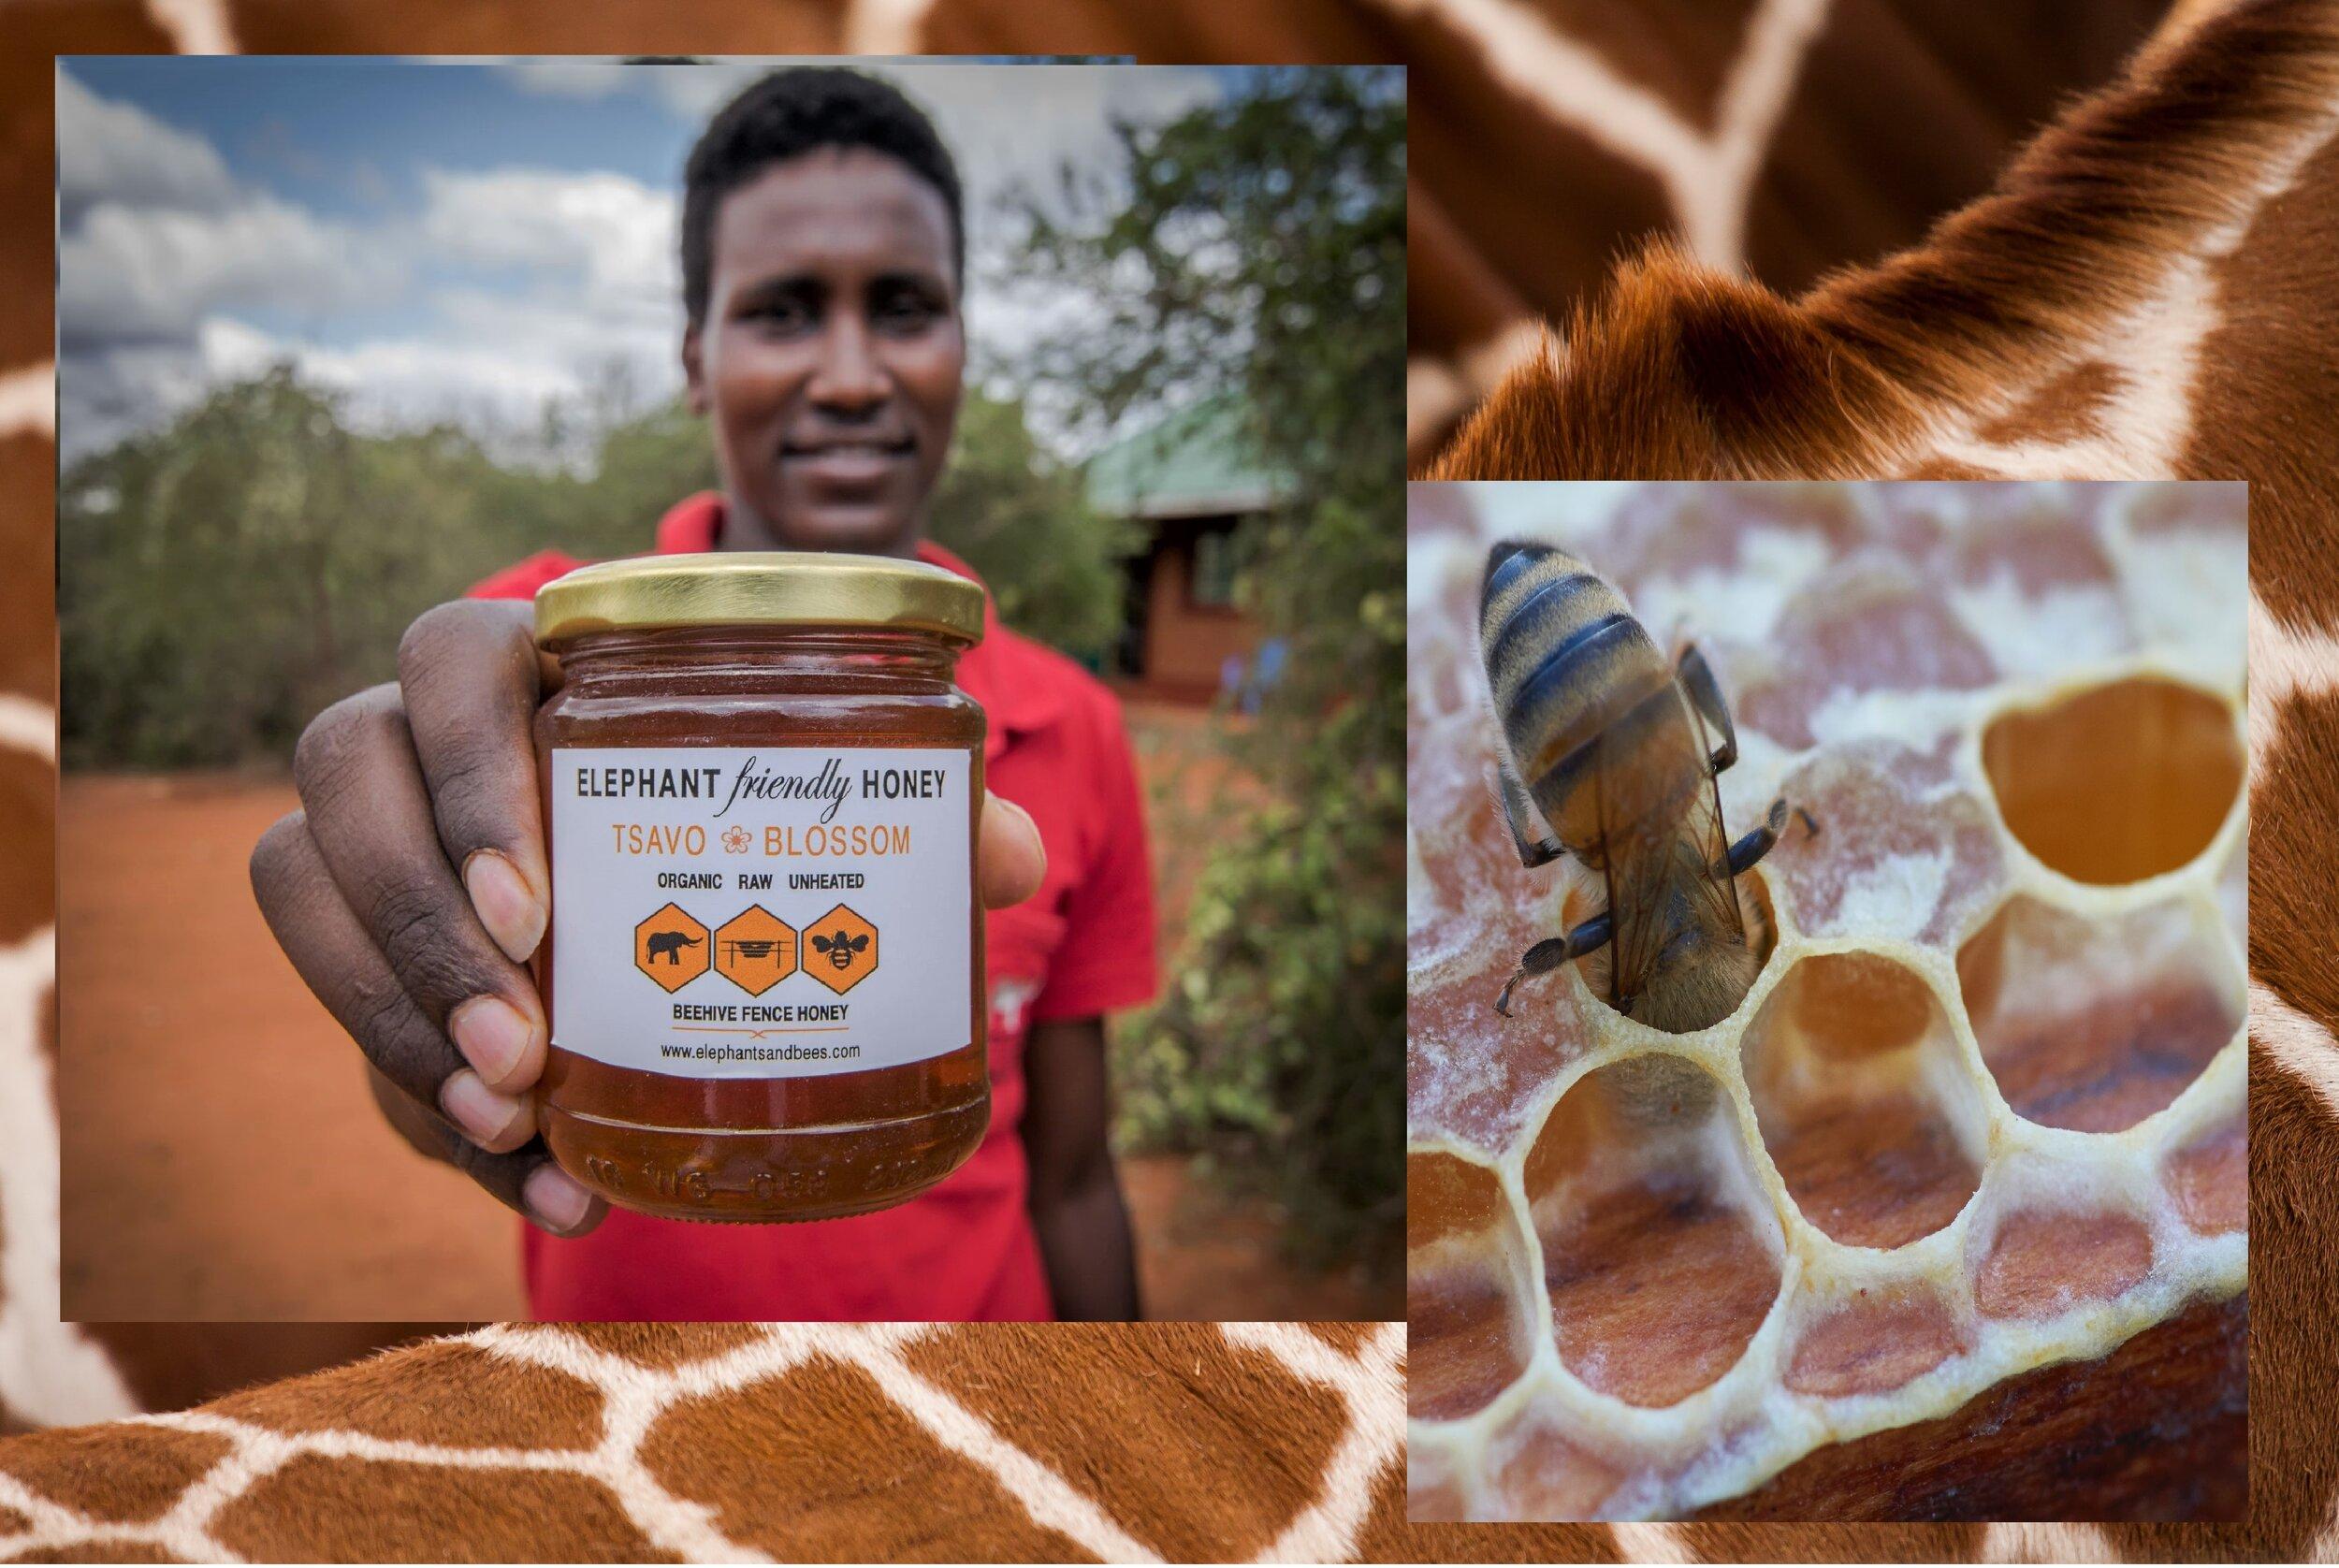 Elephant-friendly-honey-Kenya.jpg